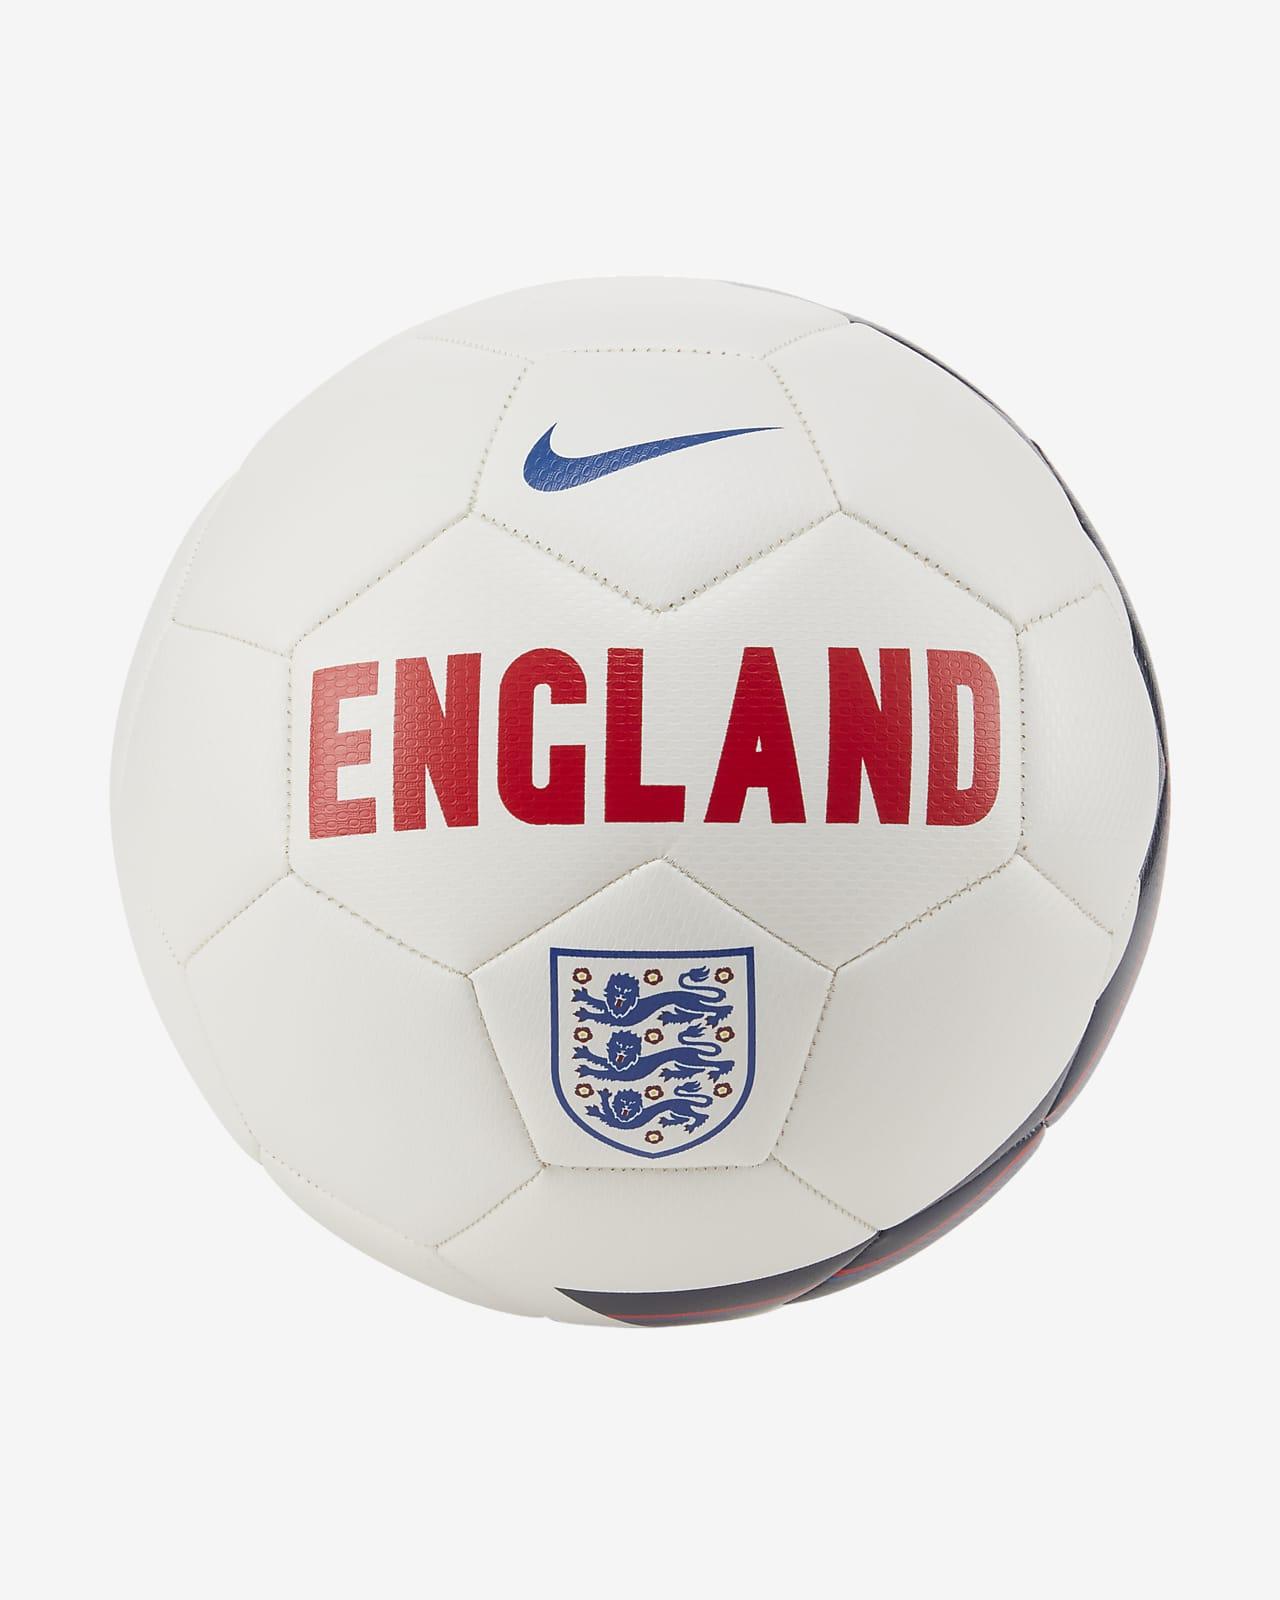 Piłka do piłki nożnej England Prestige